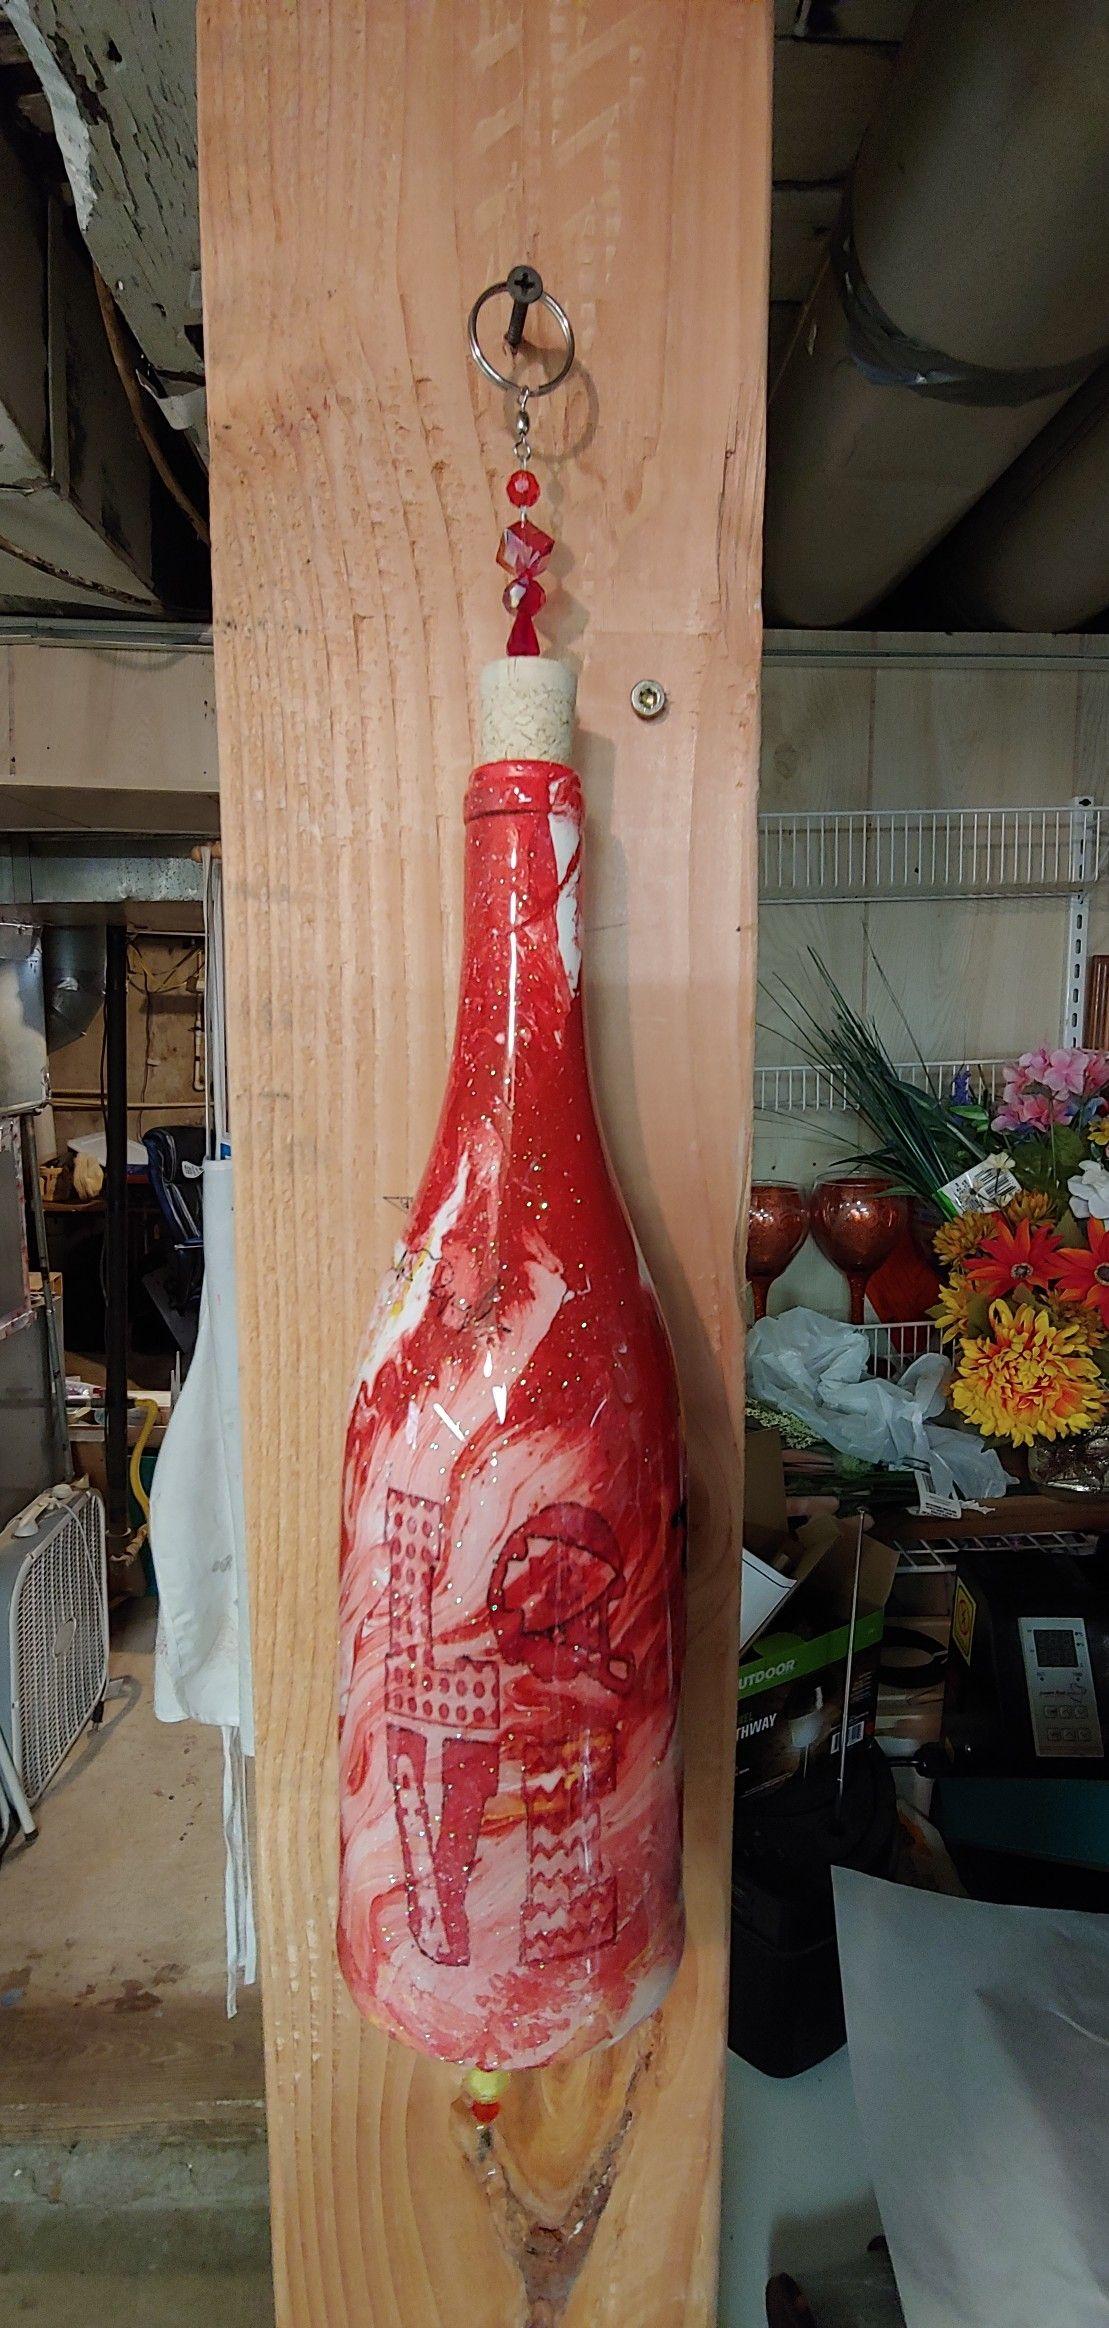 Pin By Tina Niemi On T S Wine Bottle Wind Chimes And More Wine Bottle Wind Chimes Bottles Decoration Wine Bottle